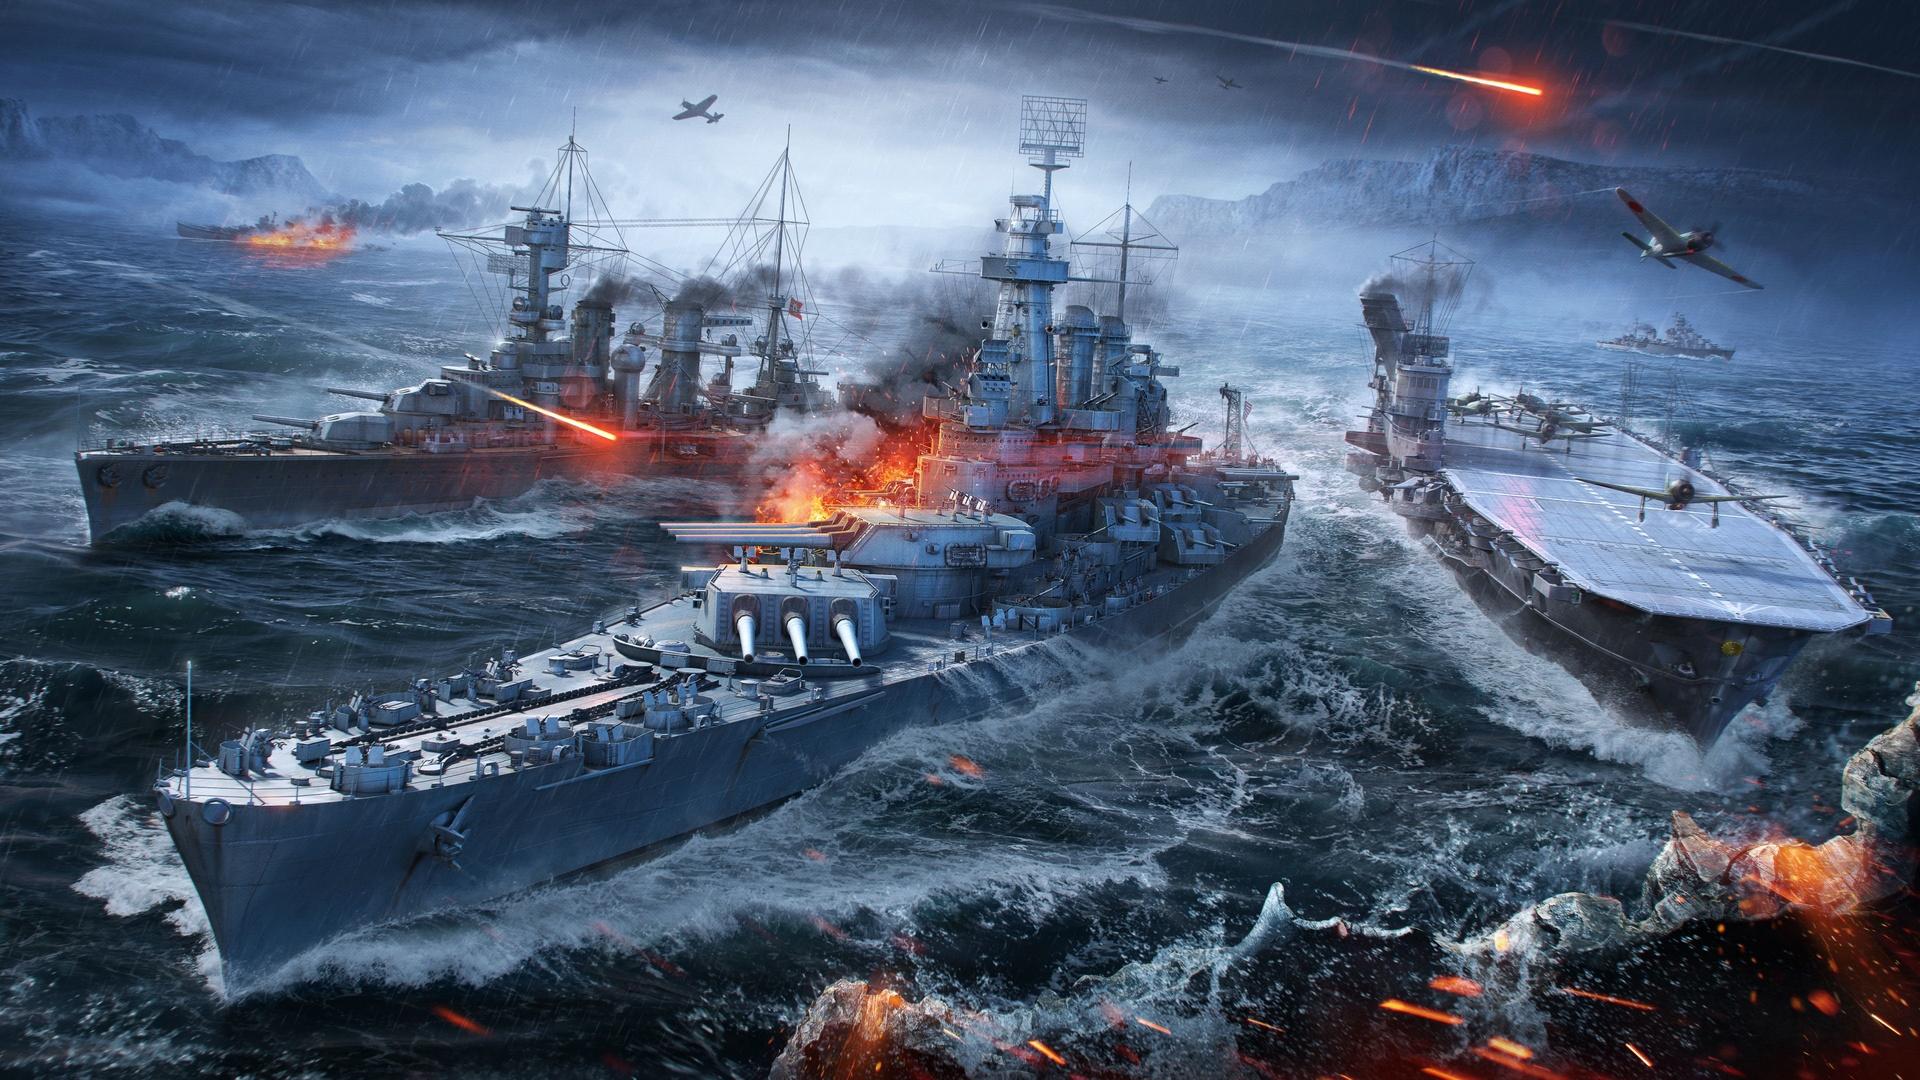 战舰世界 游戏壁纸壁纸